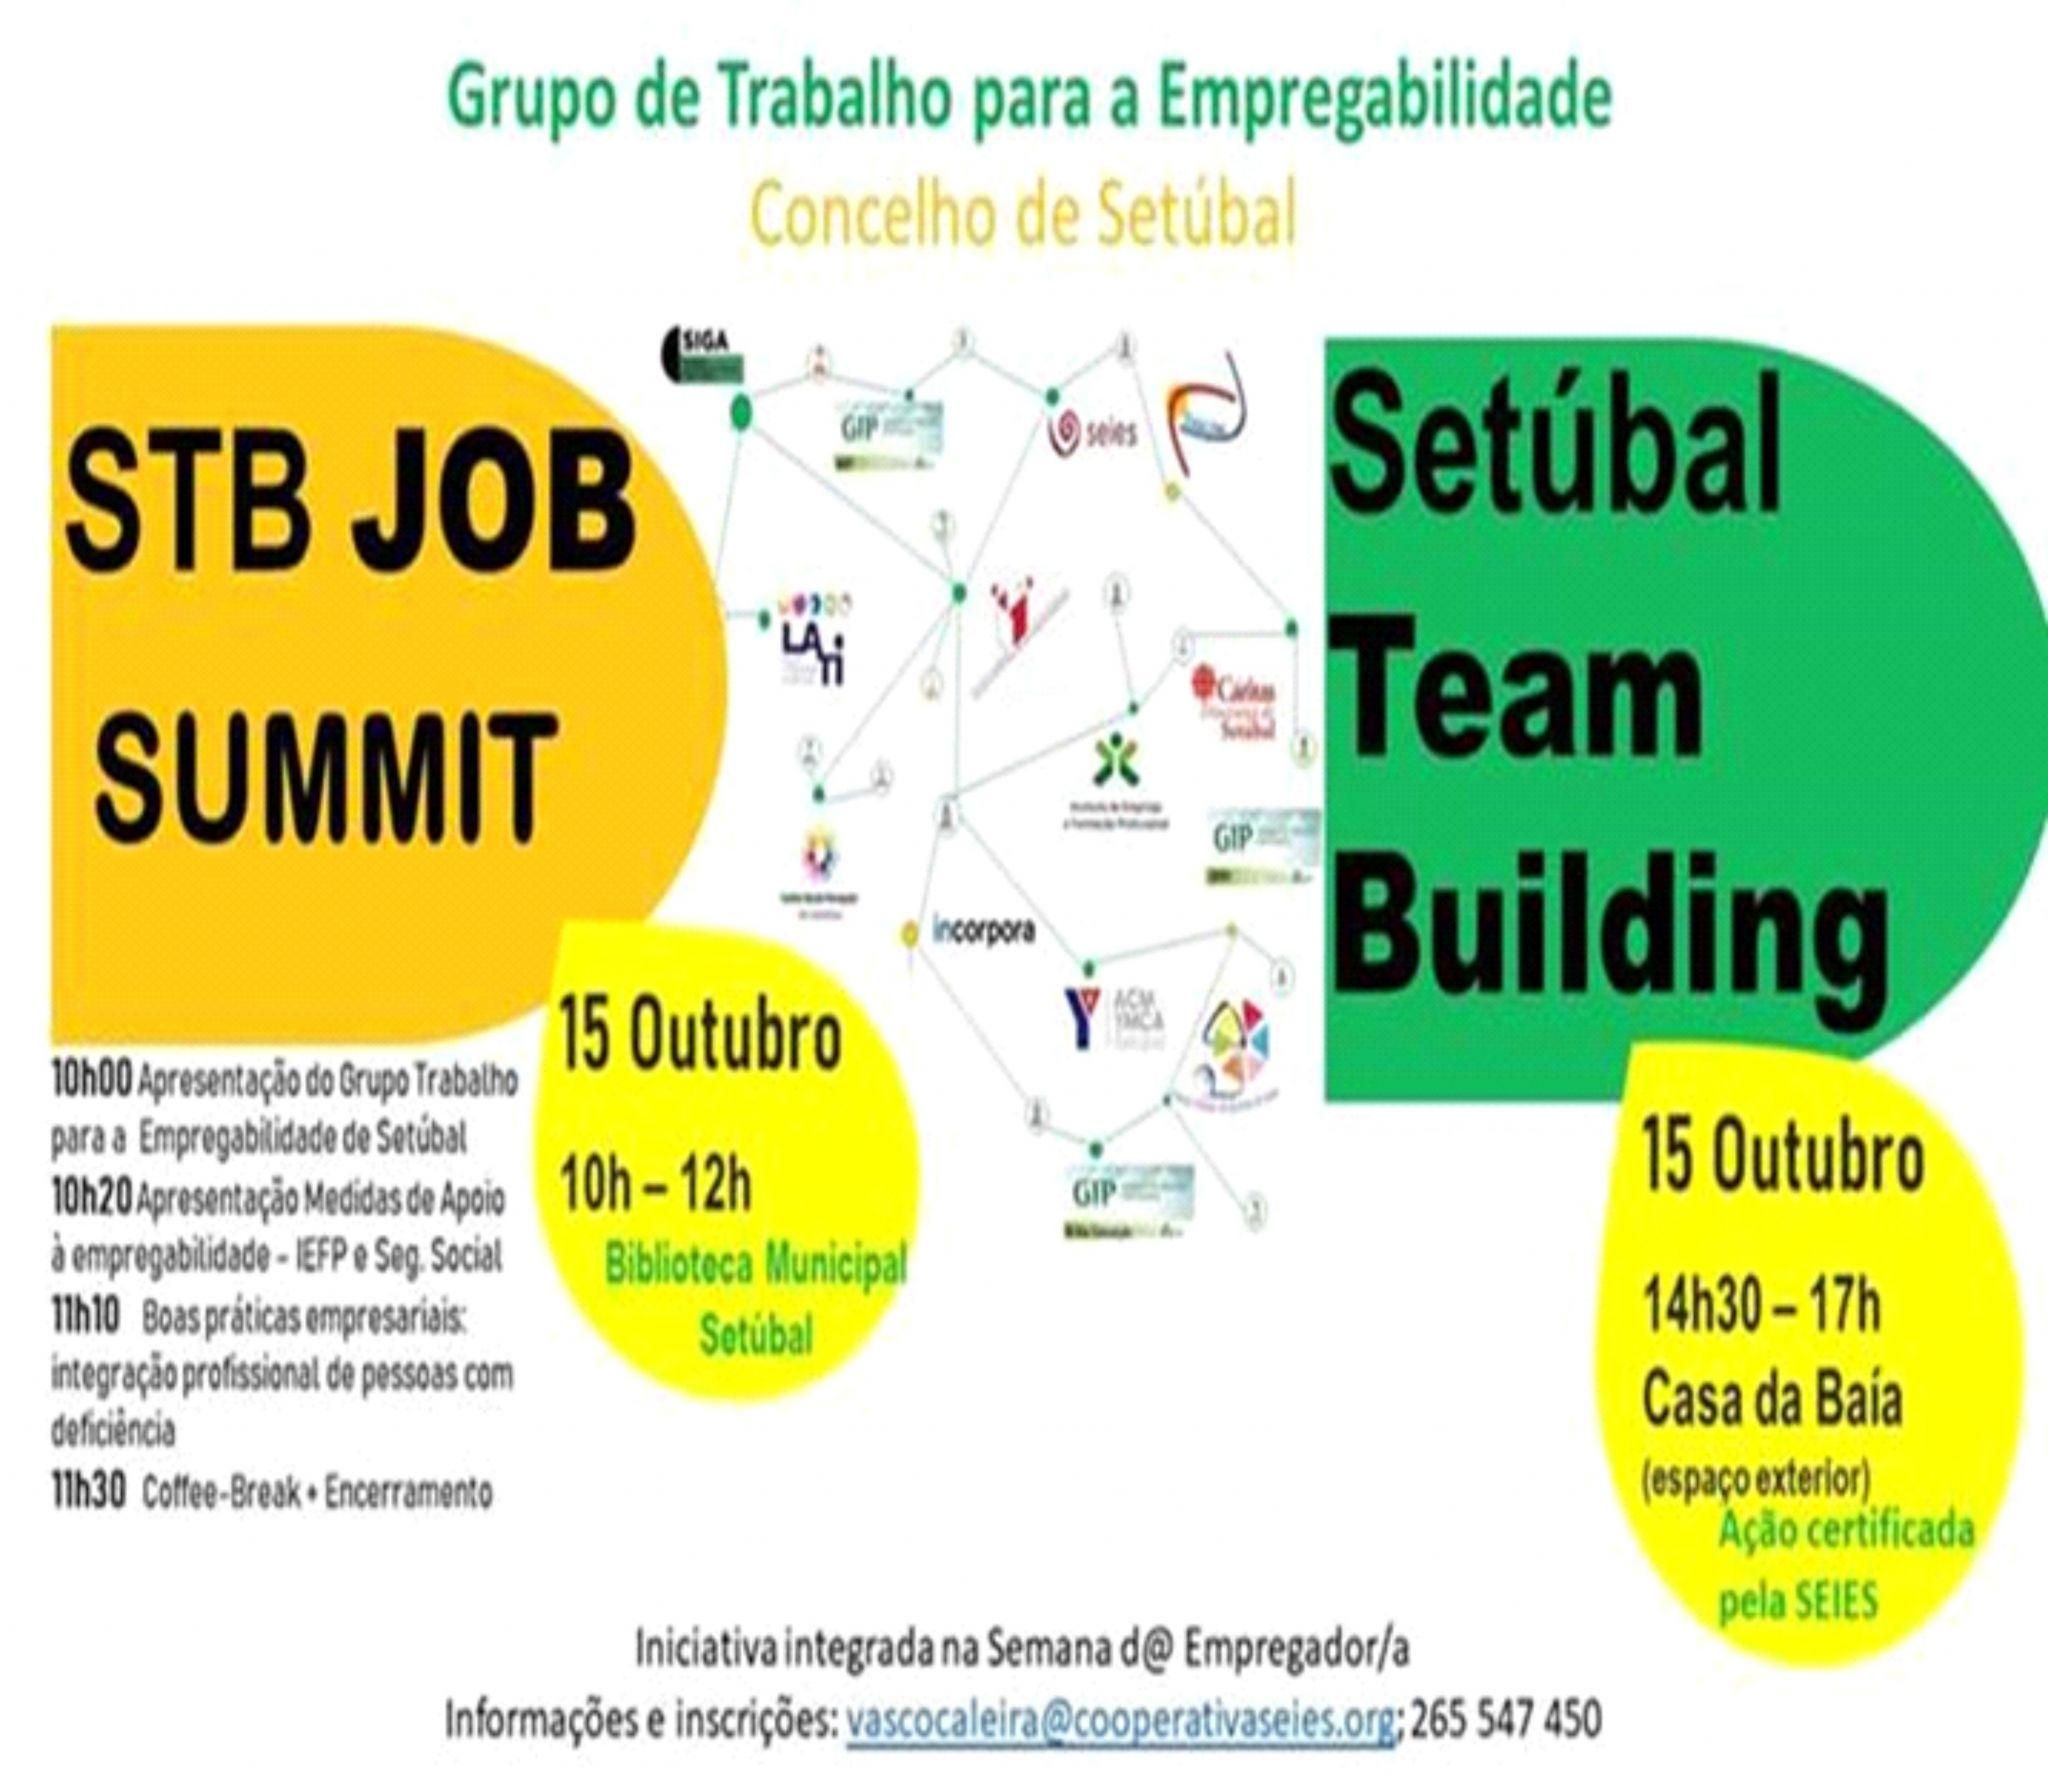 Grupo de Trabalho para a Empregabilidade de Setúbal